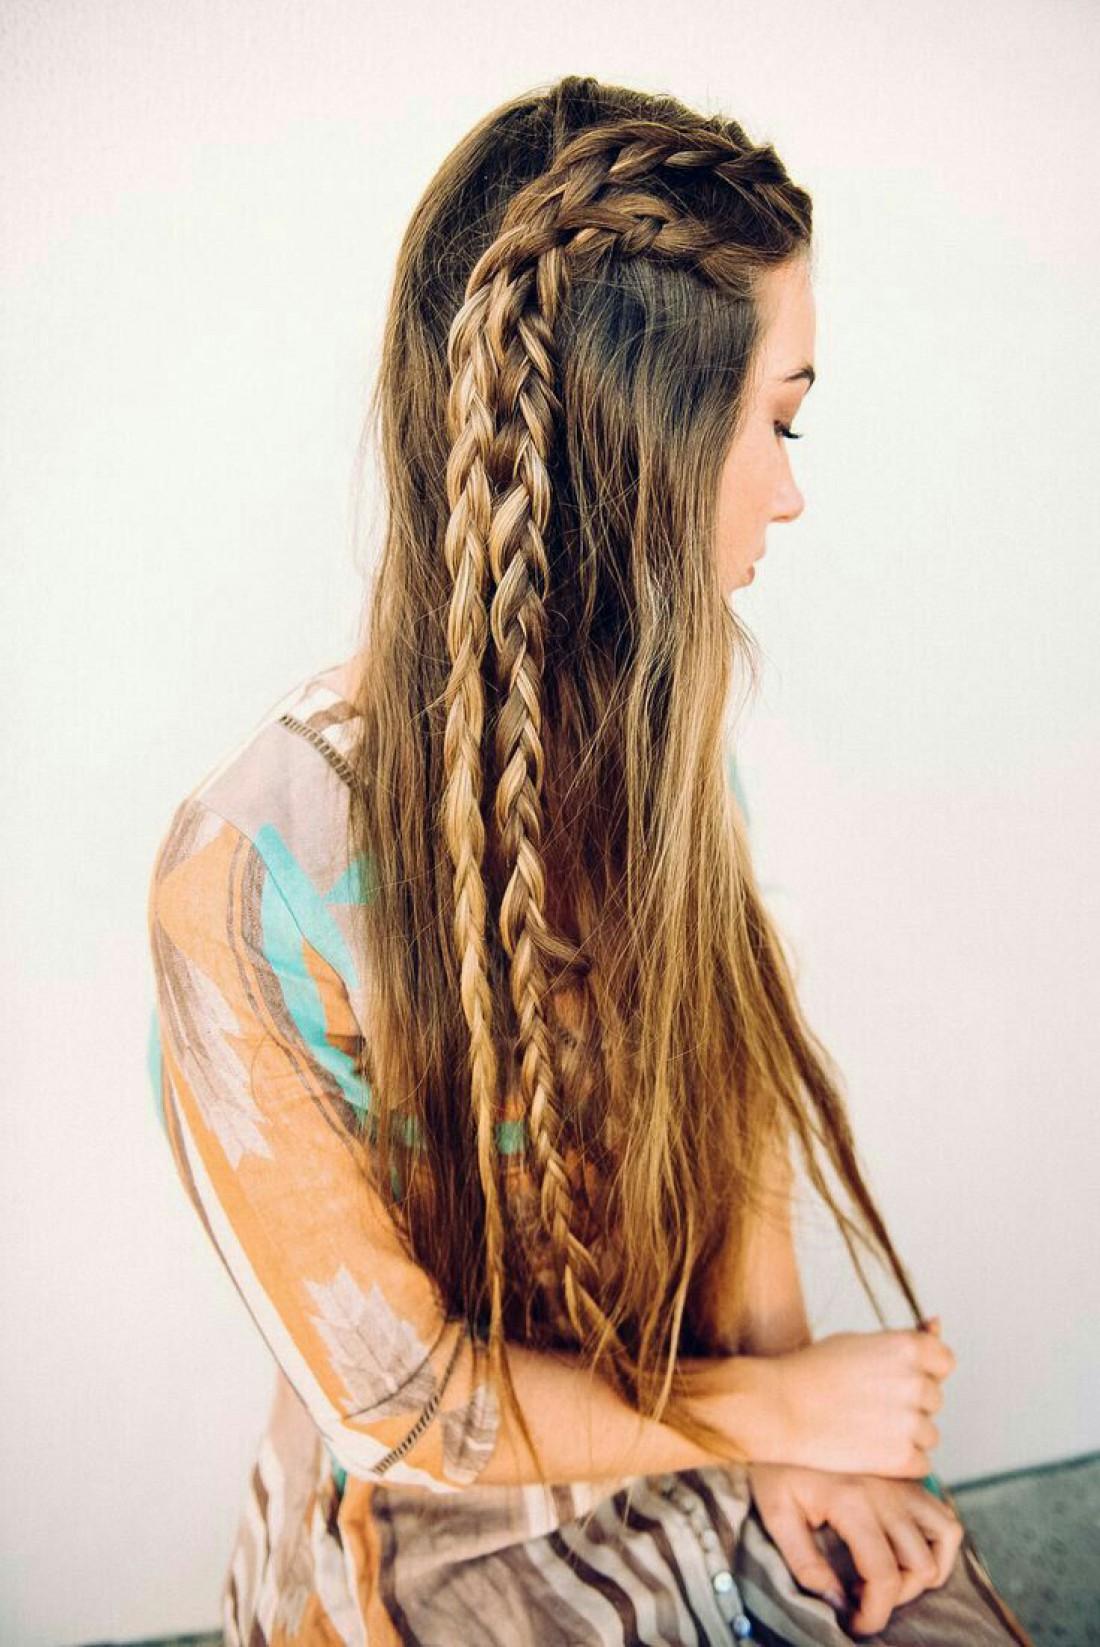 Ухаживай за волосами правильно